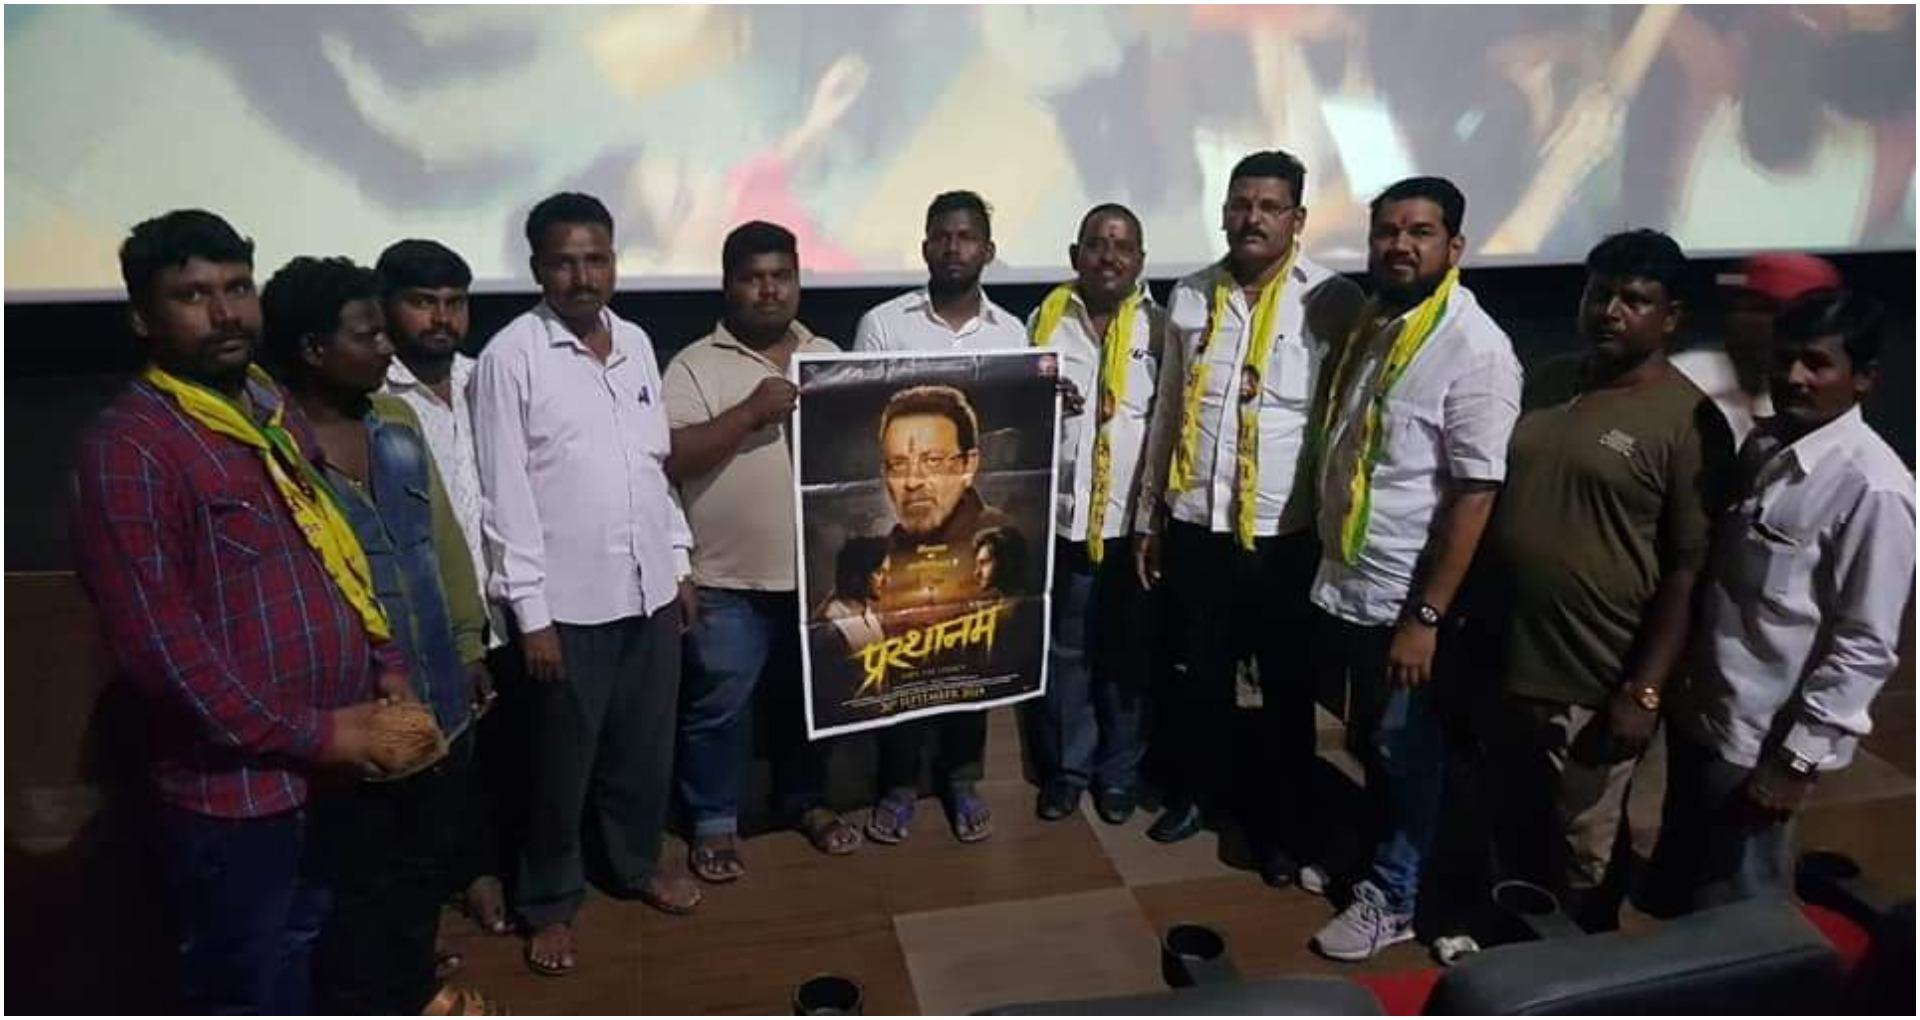 Prasthanam Movie: संजय दत्त की फिल्म प्रस्थानम को लेकर एक्साइटेड हुए फैंस, ऐसे सेलिब्रेट की अपनी खुशी